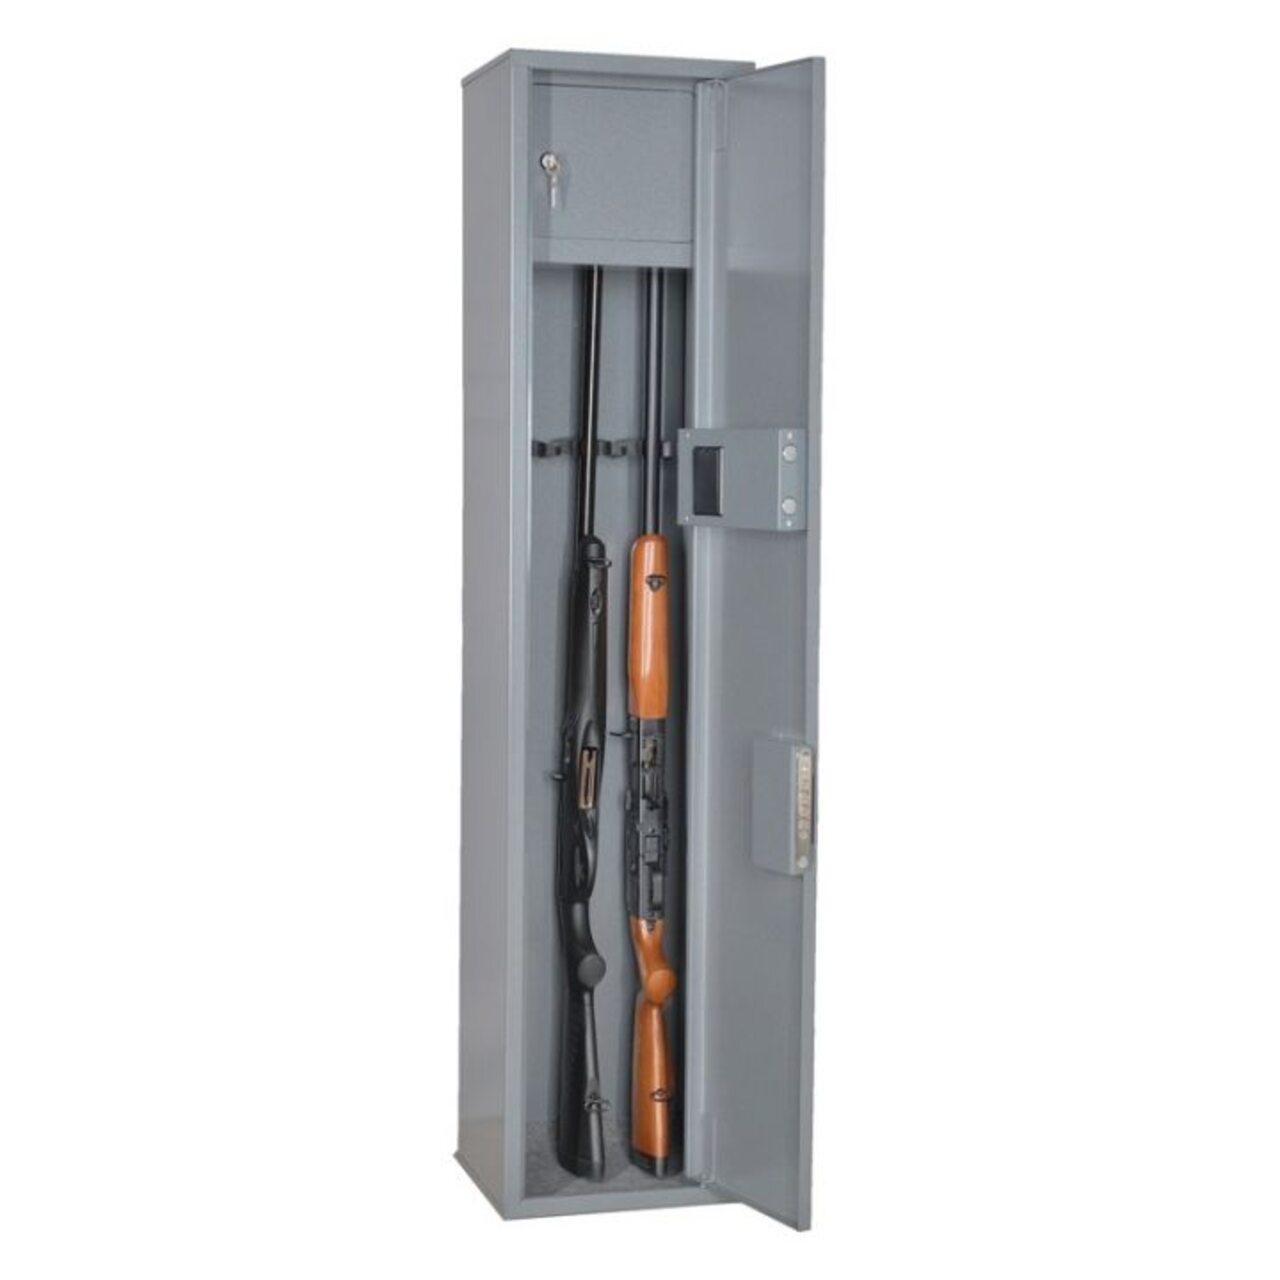 Шкаф оружейный ОШН-3Э - фото 2